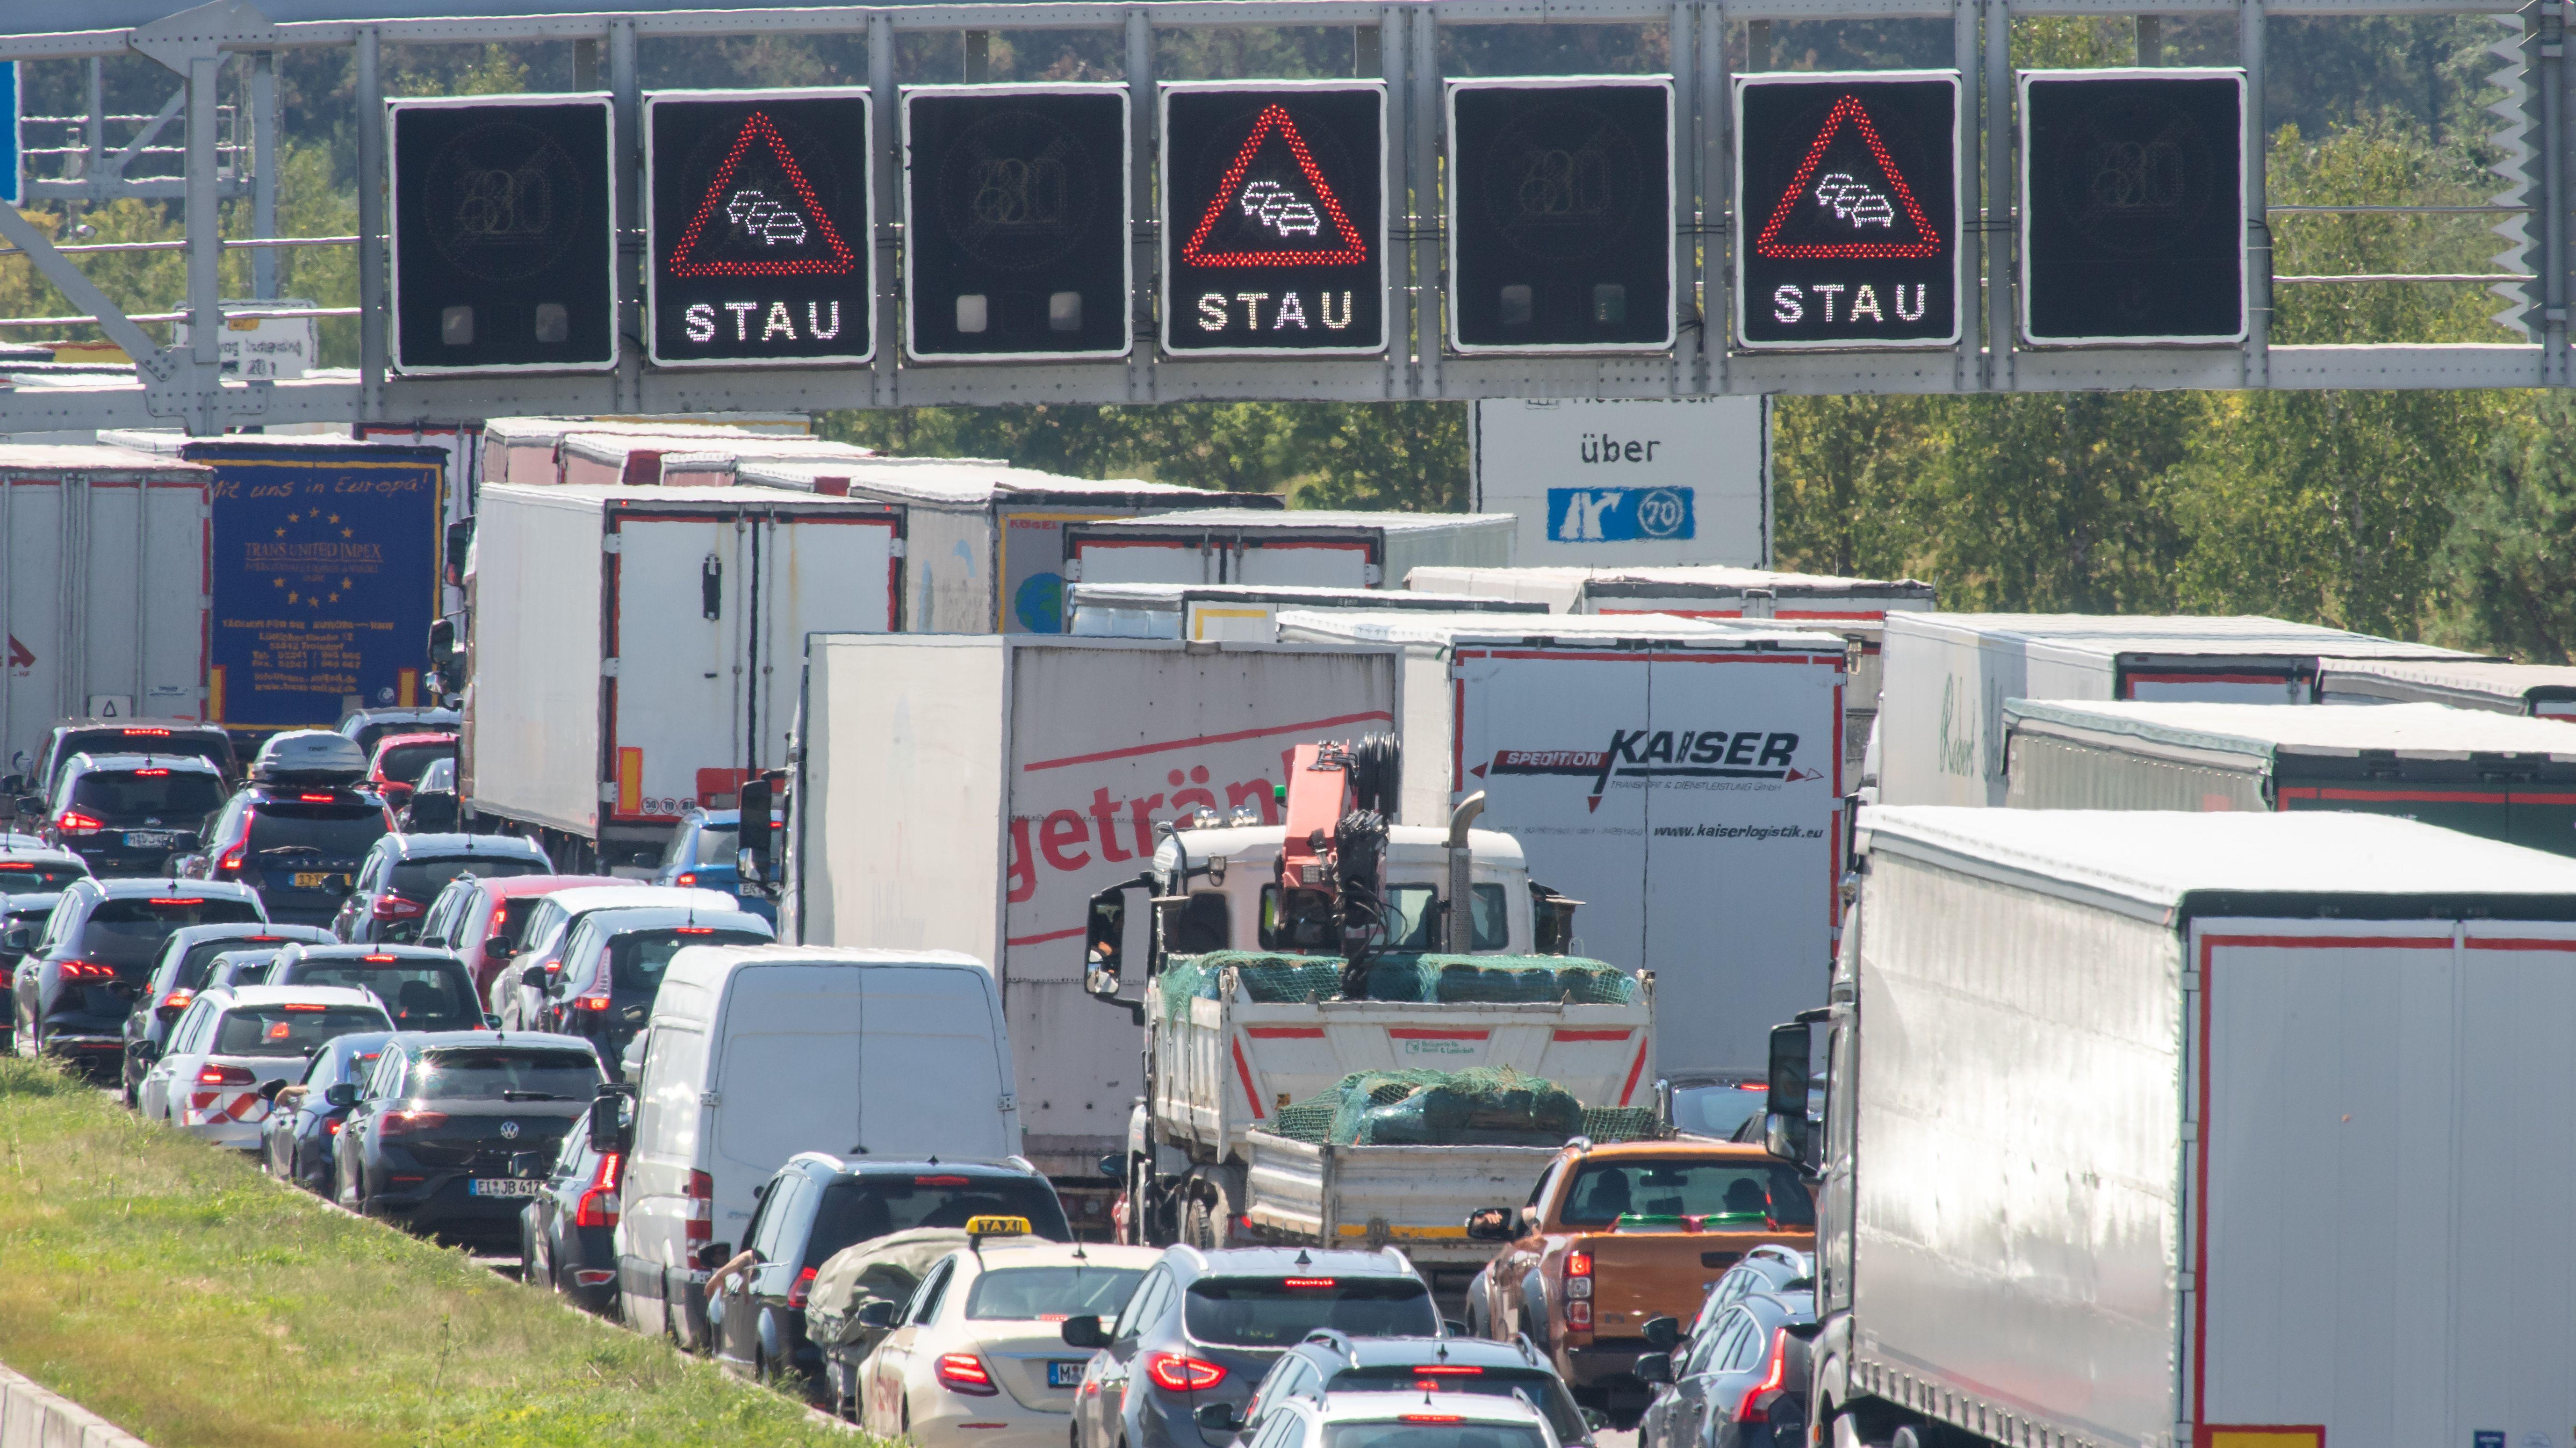 PKW und viele LKW stehen bei Temperaturen um 30 Grad dicht an dicht auf der Autobahn A9 bei München in Fahrtrichtung Süden